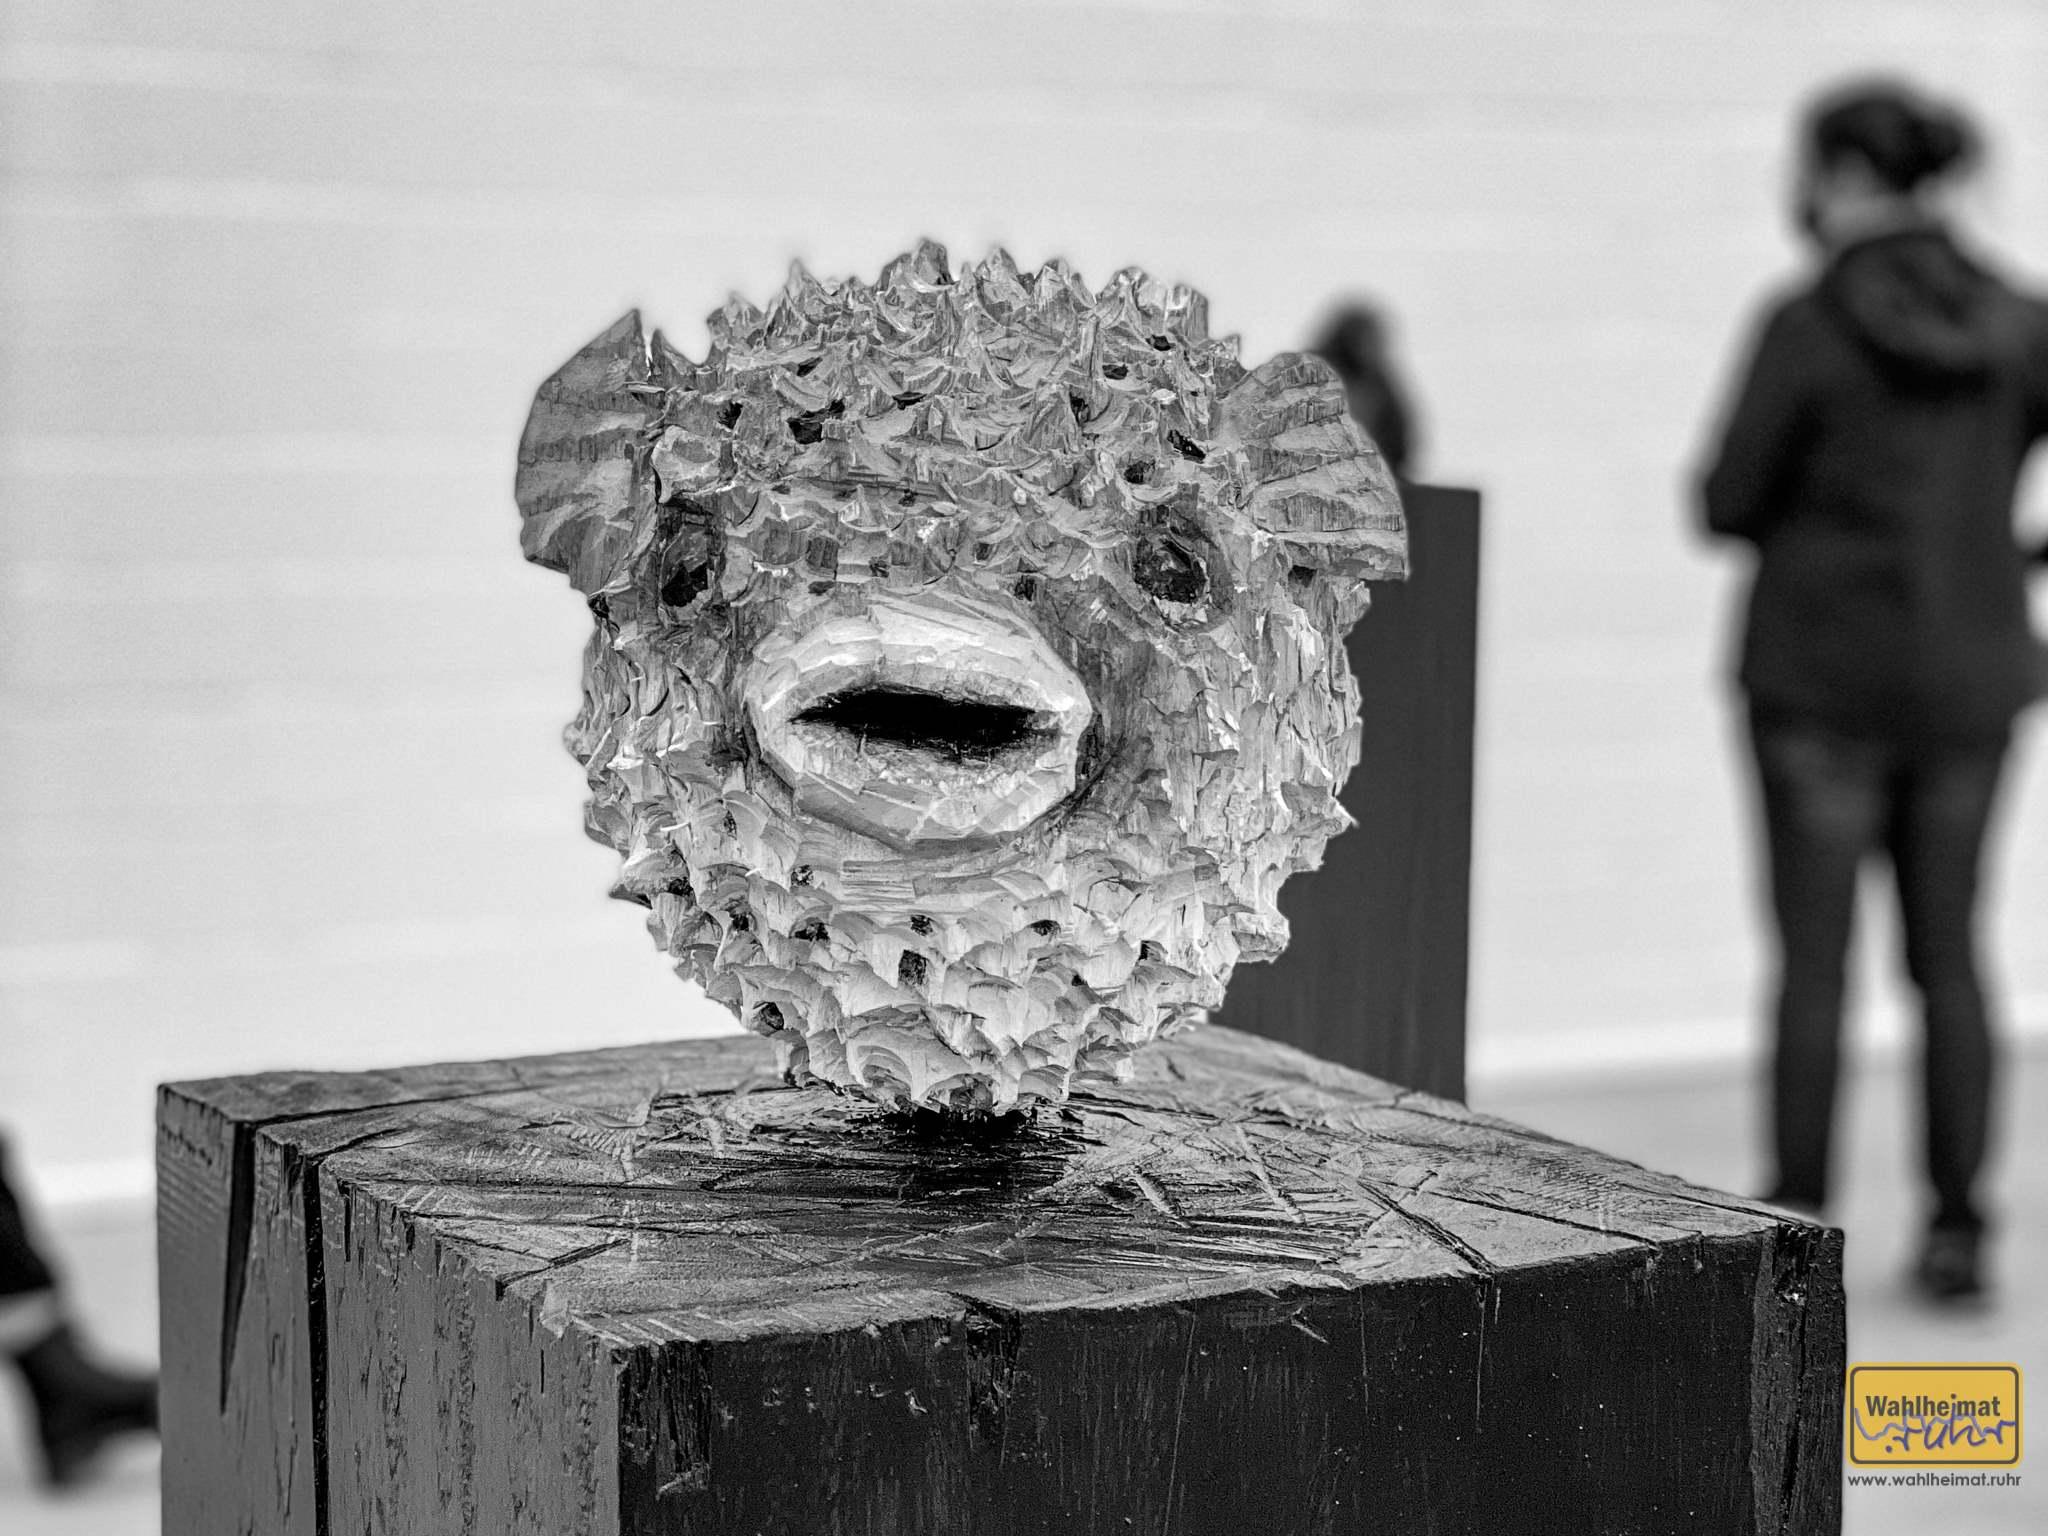 Tierfiguren sind eines der zentralen Themen Balkenhols. © VG Bild-Kunst, Bonn 2020.